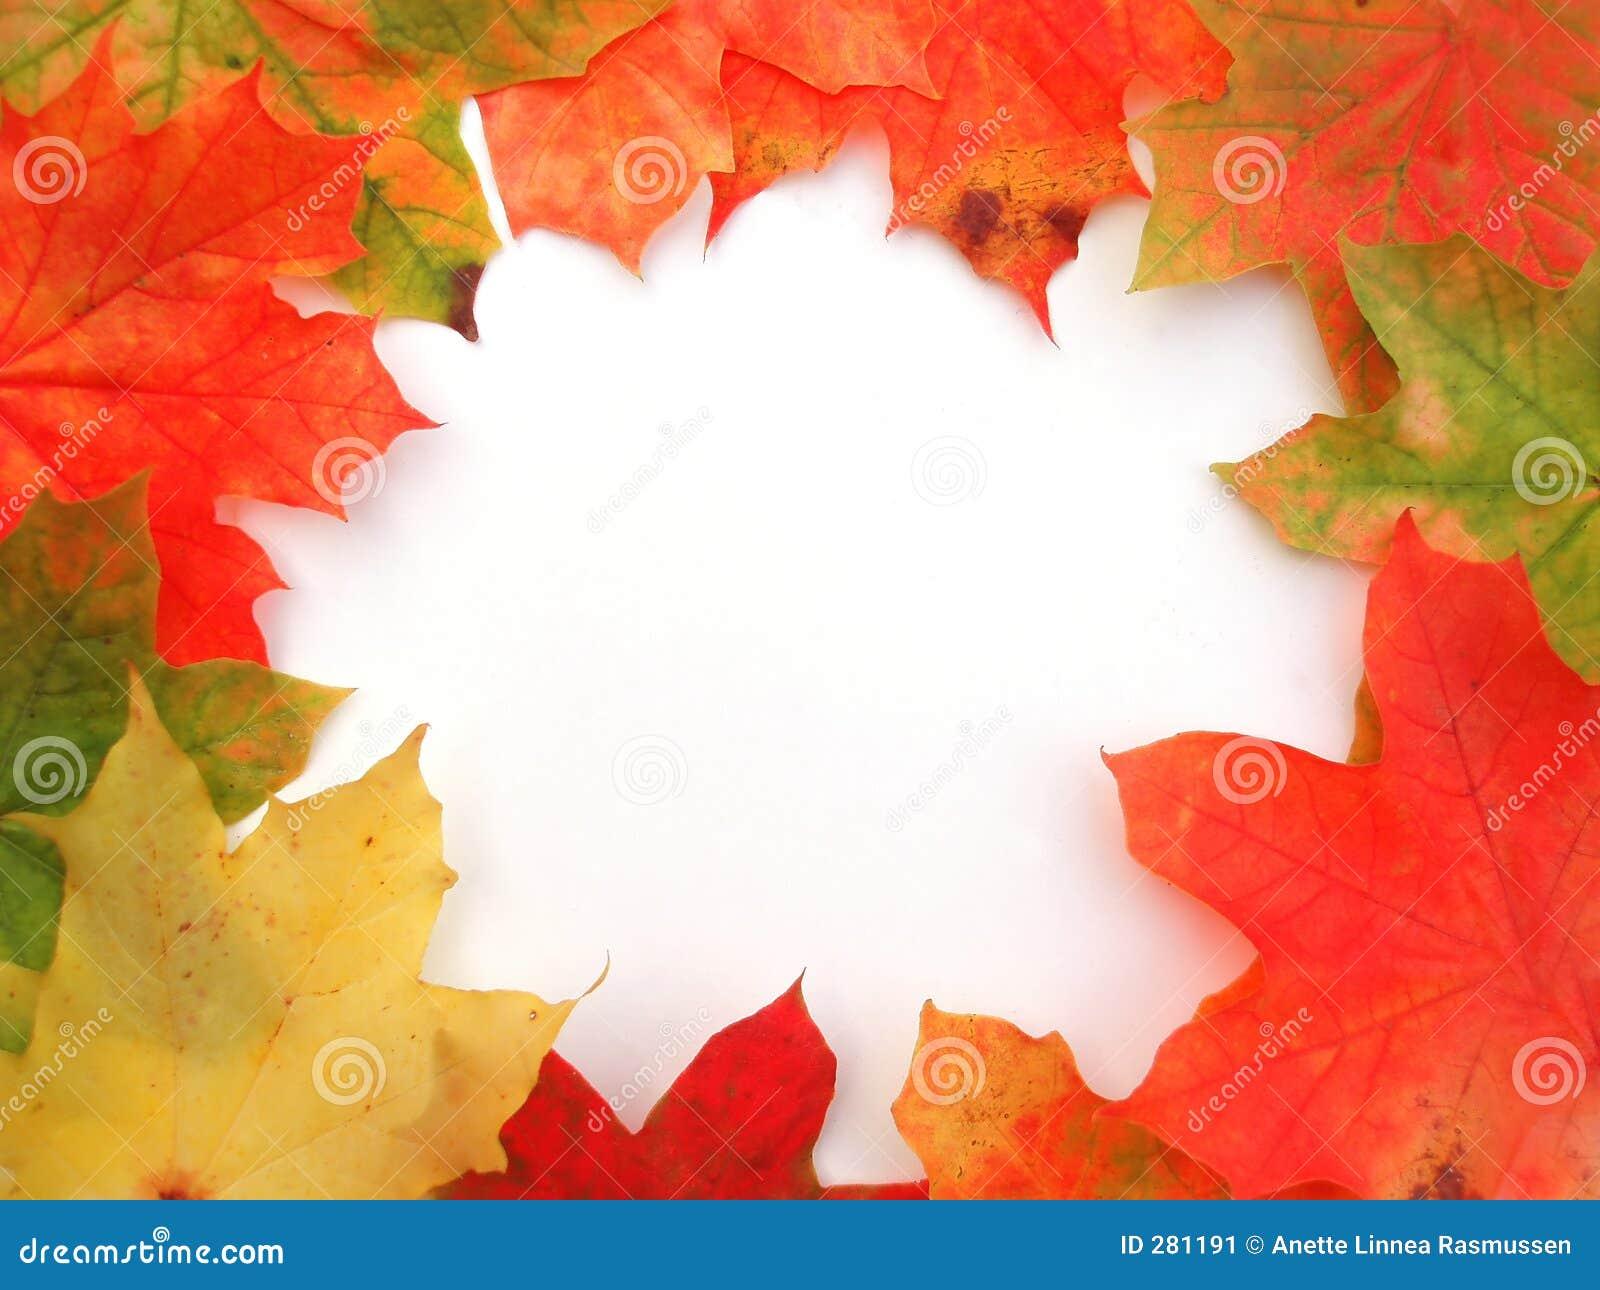 Hösten färgade ramen låter vara lönn